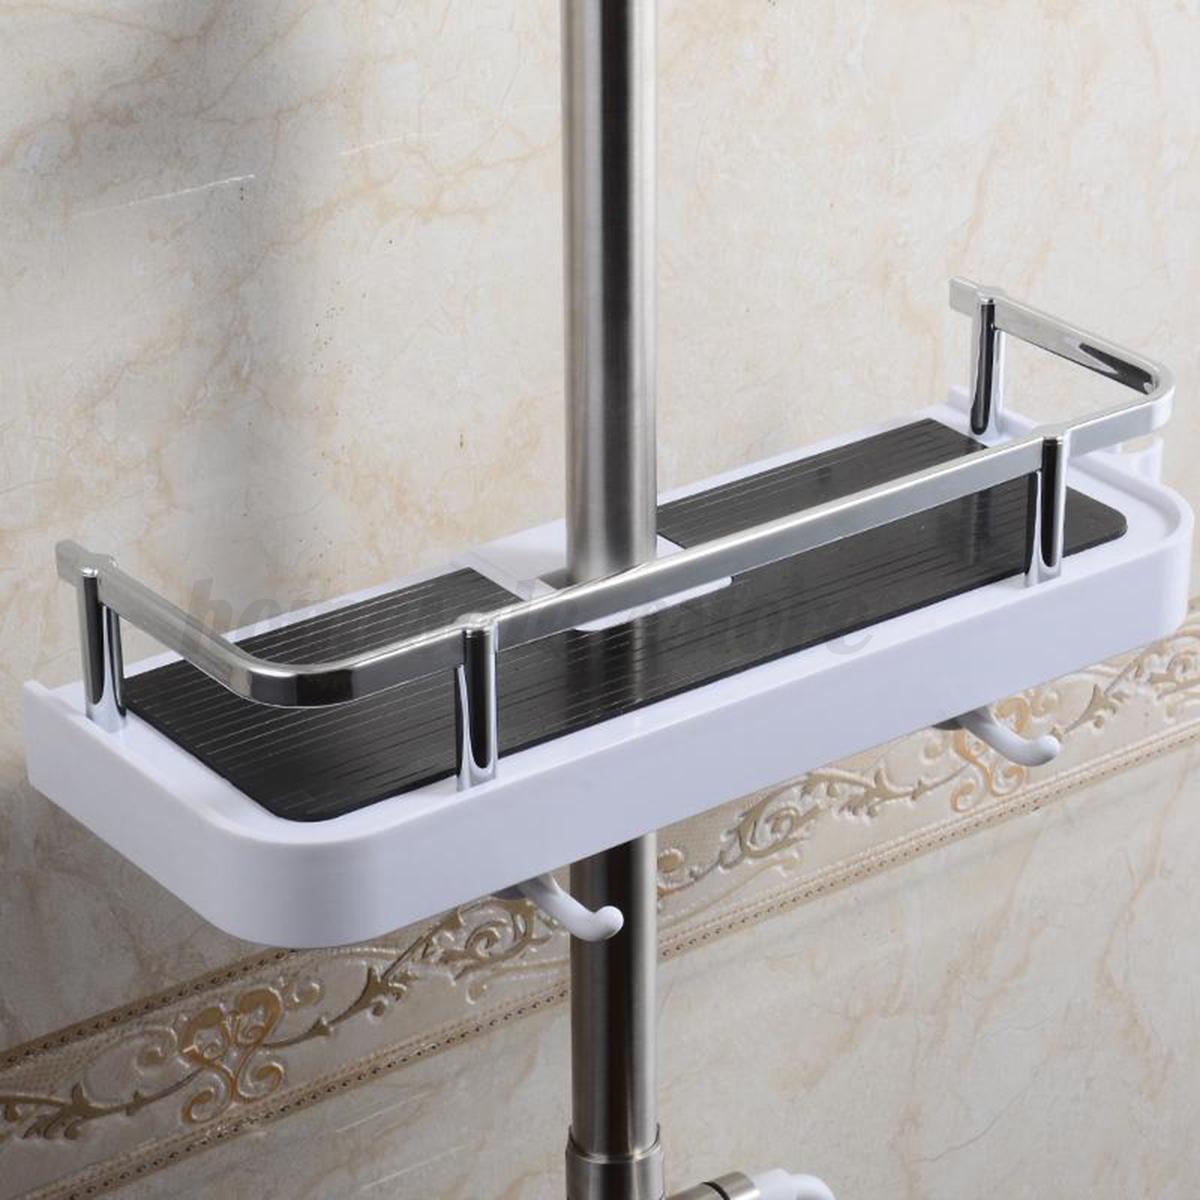 bathroom pole shelf shower storage caddy organiser tray soap bidet rack holder ebay. Black Bedroom Furniture Sets. Home Design Ideas